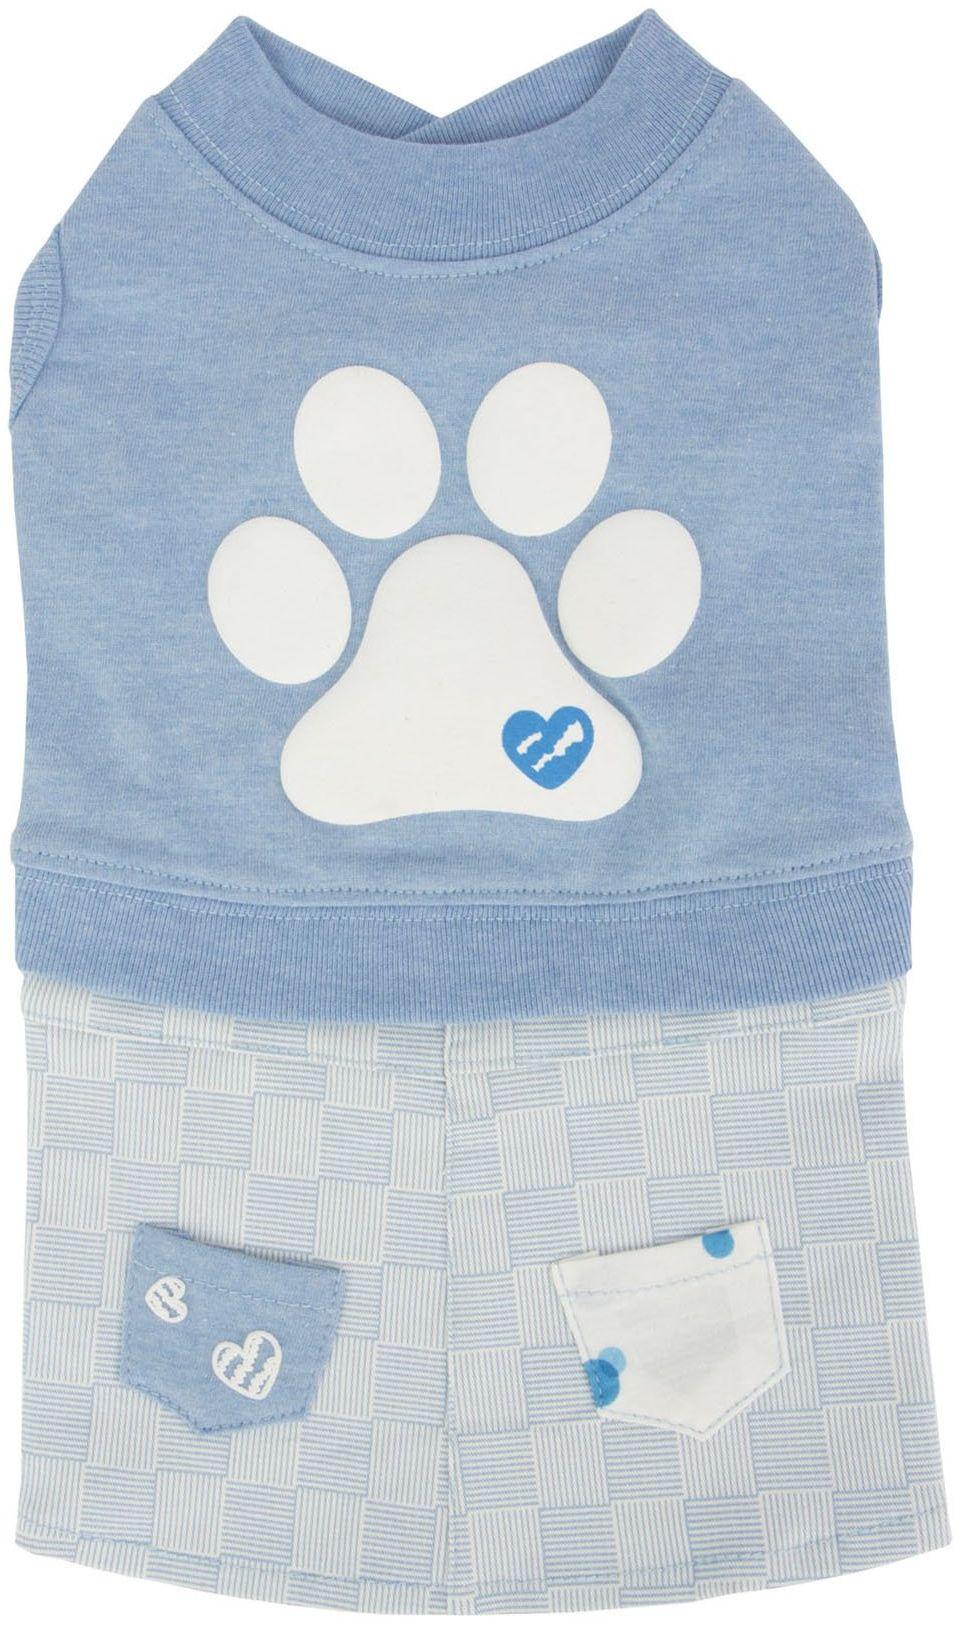 Pinkaholic New York NARA-OP7310-MB-L Ml.Blue Pawsh sukienki dla zwierząt domowych, duże